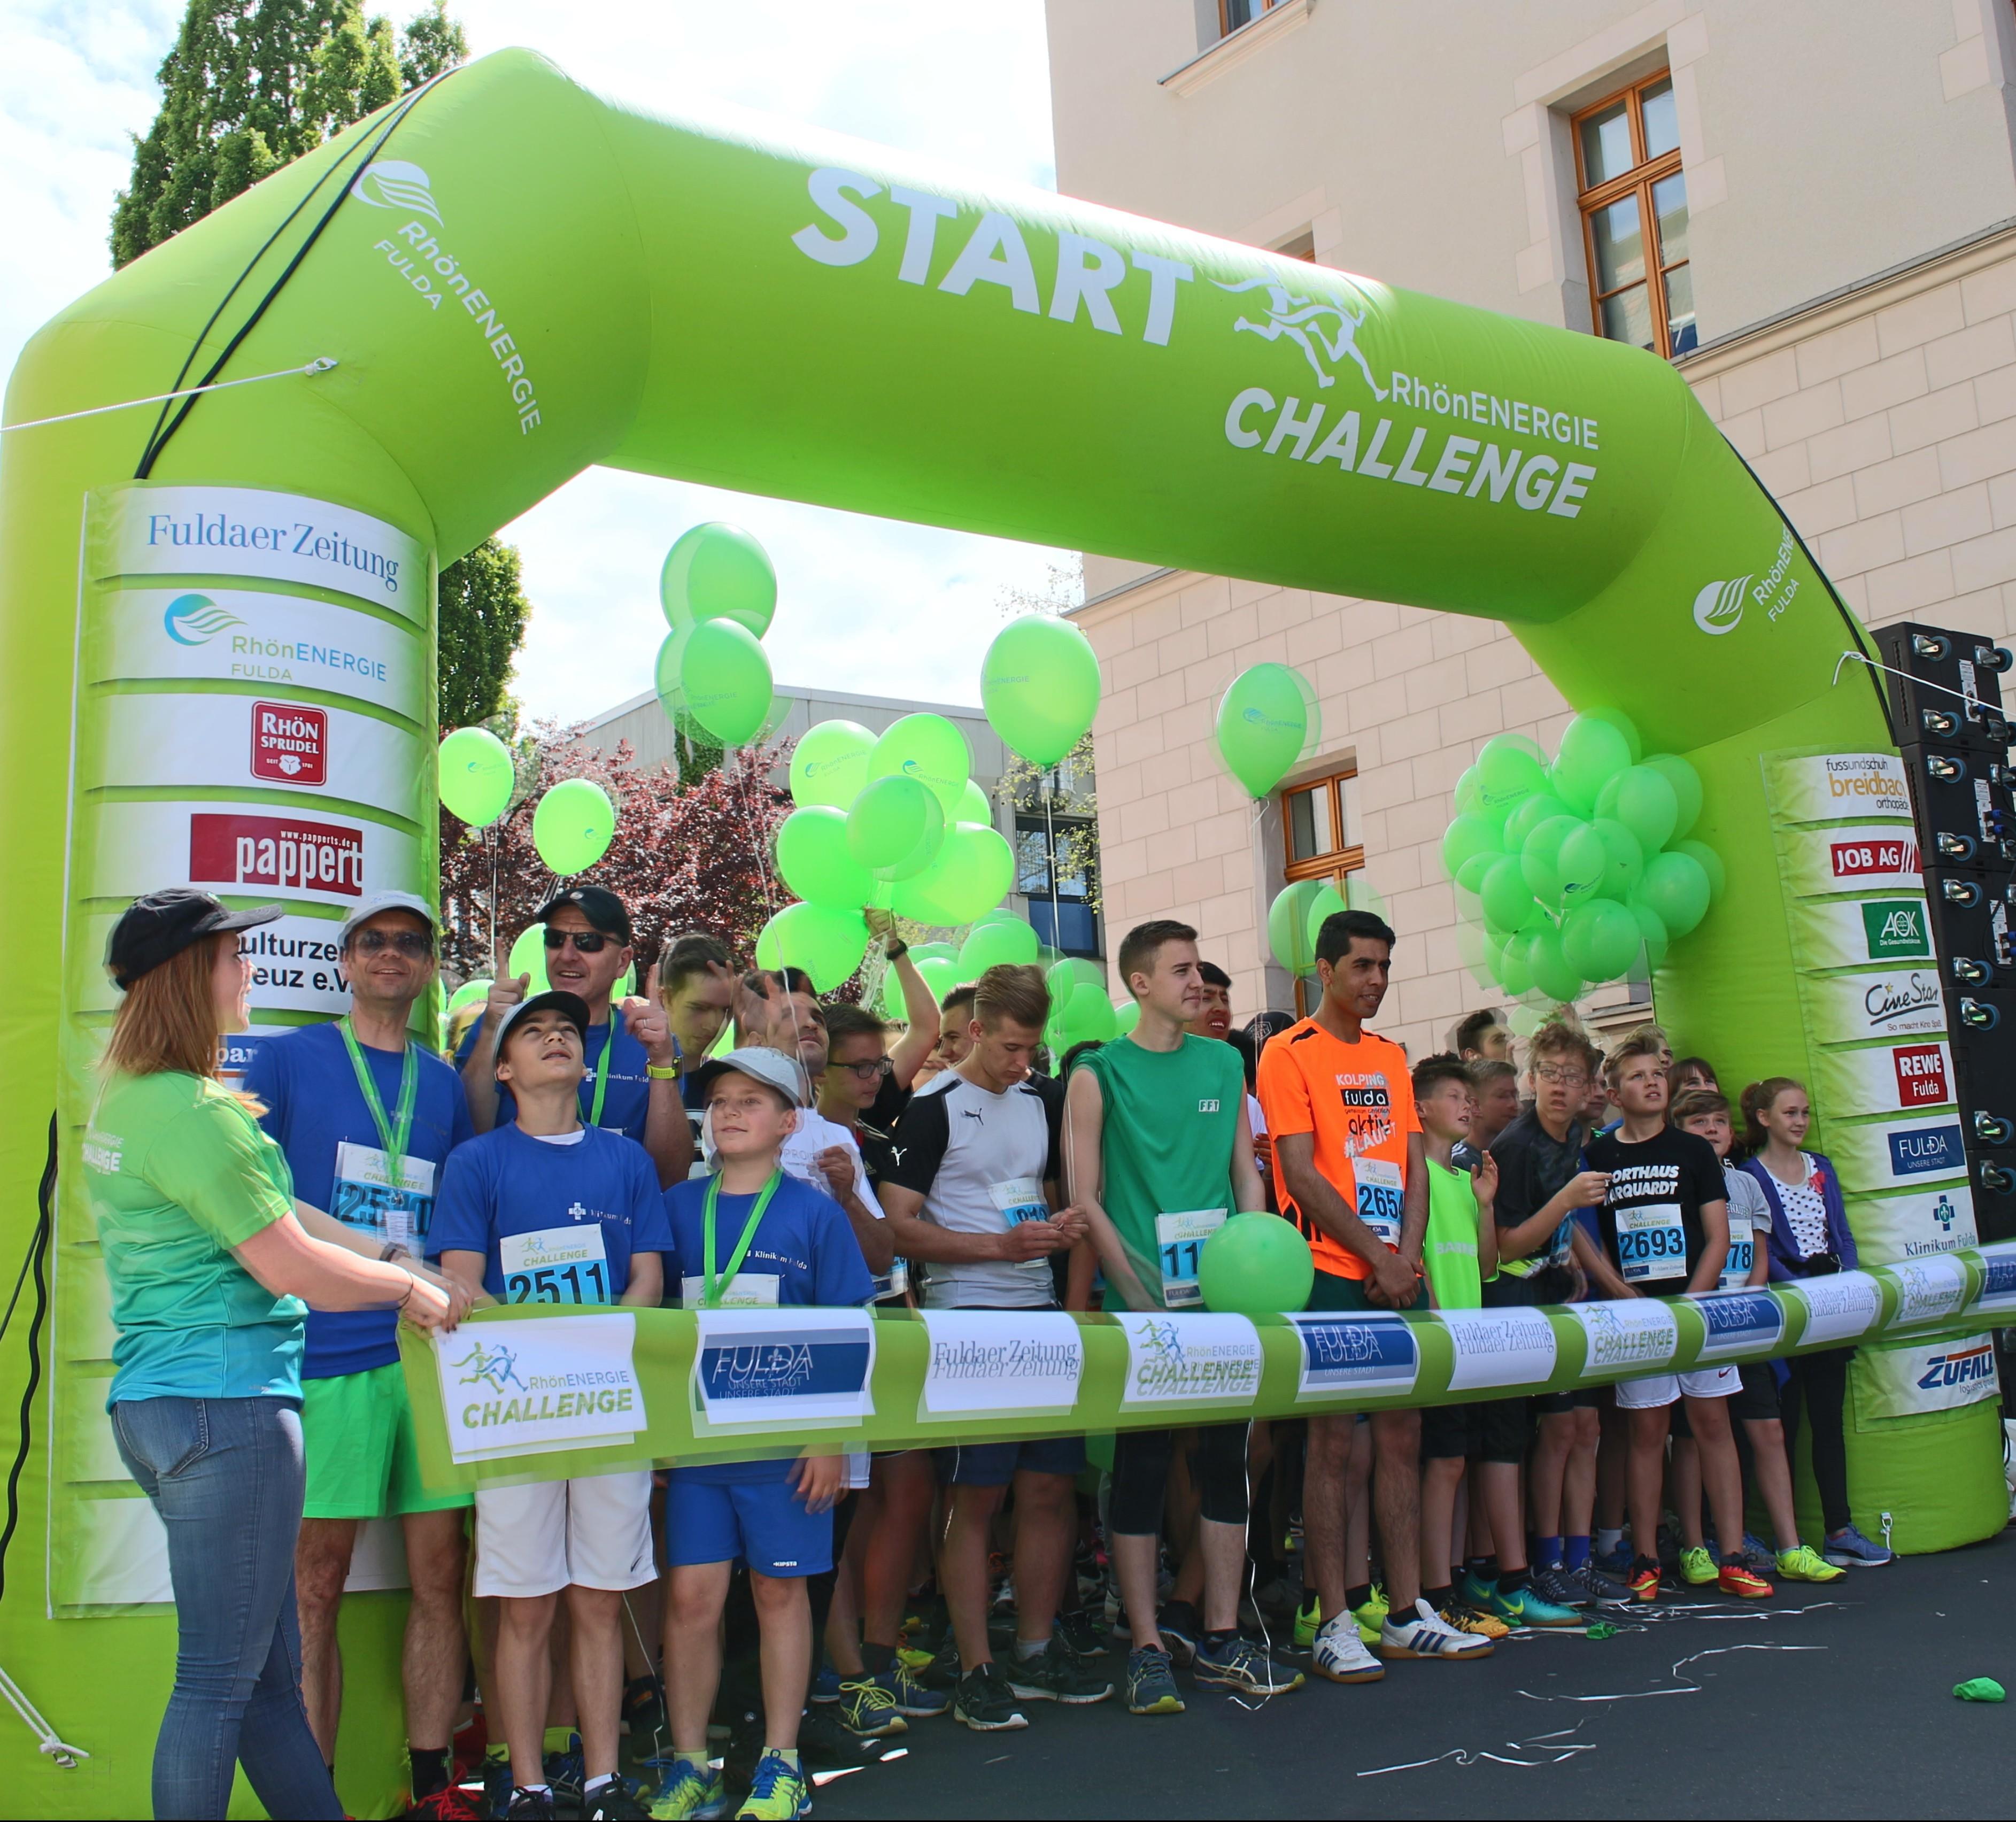 Startpunkt ChallengeLauf 2017